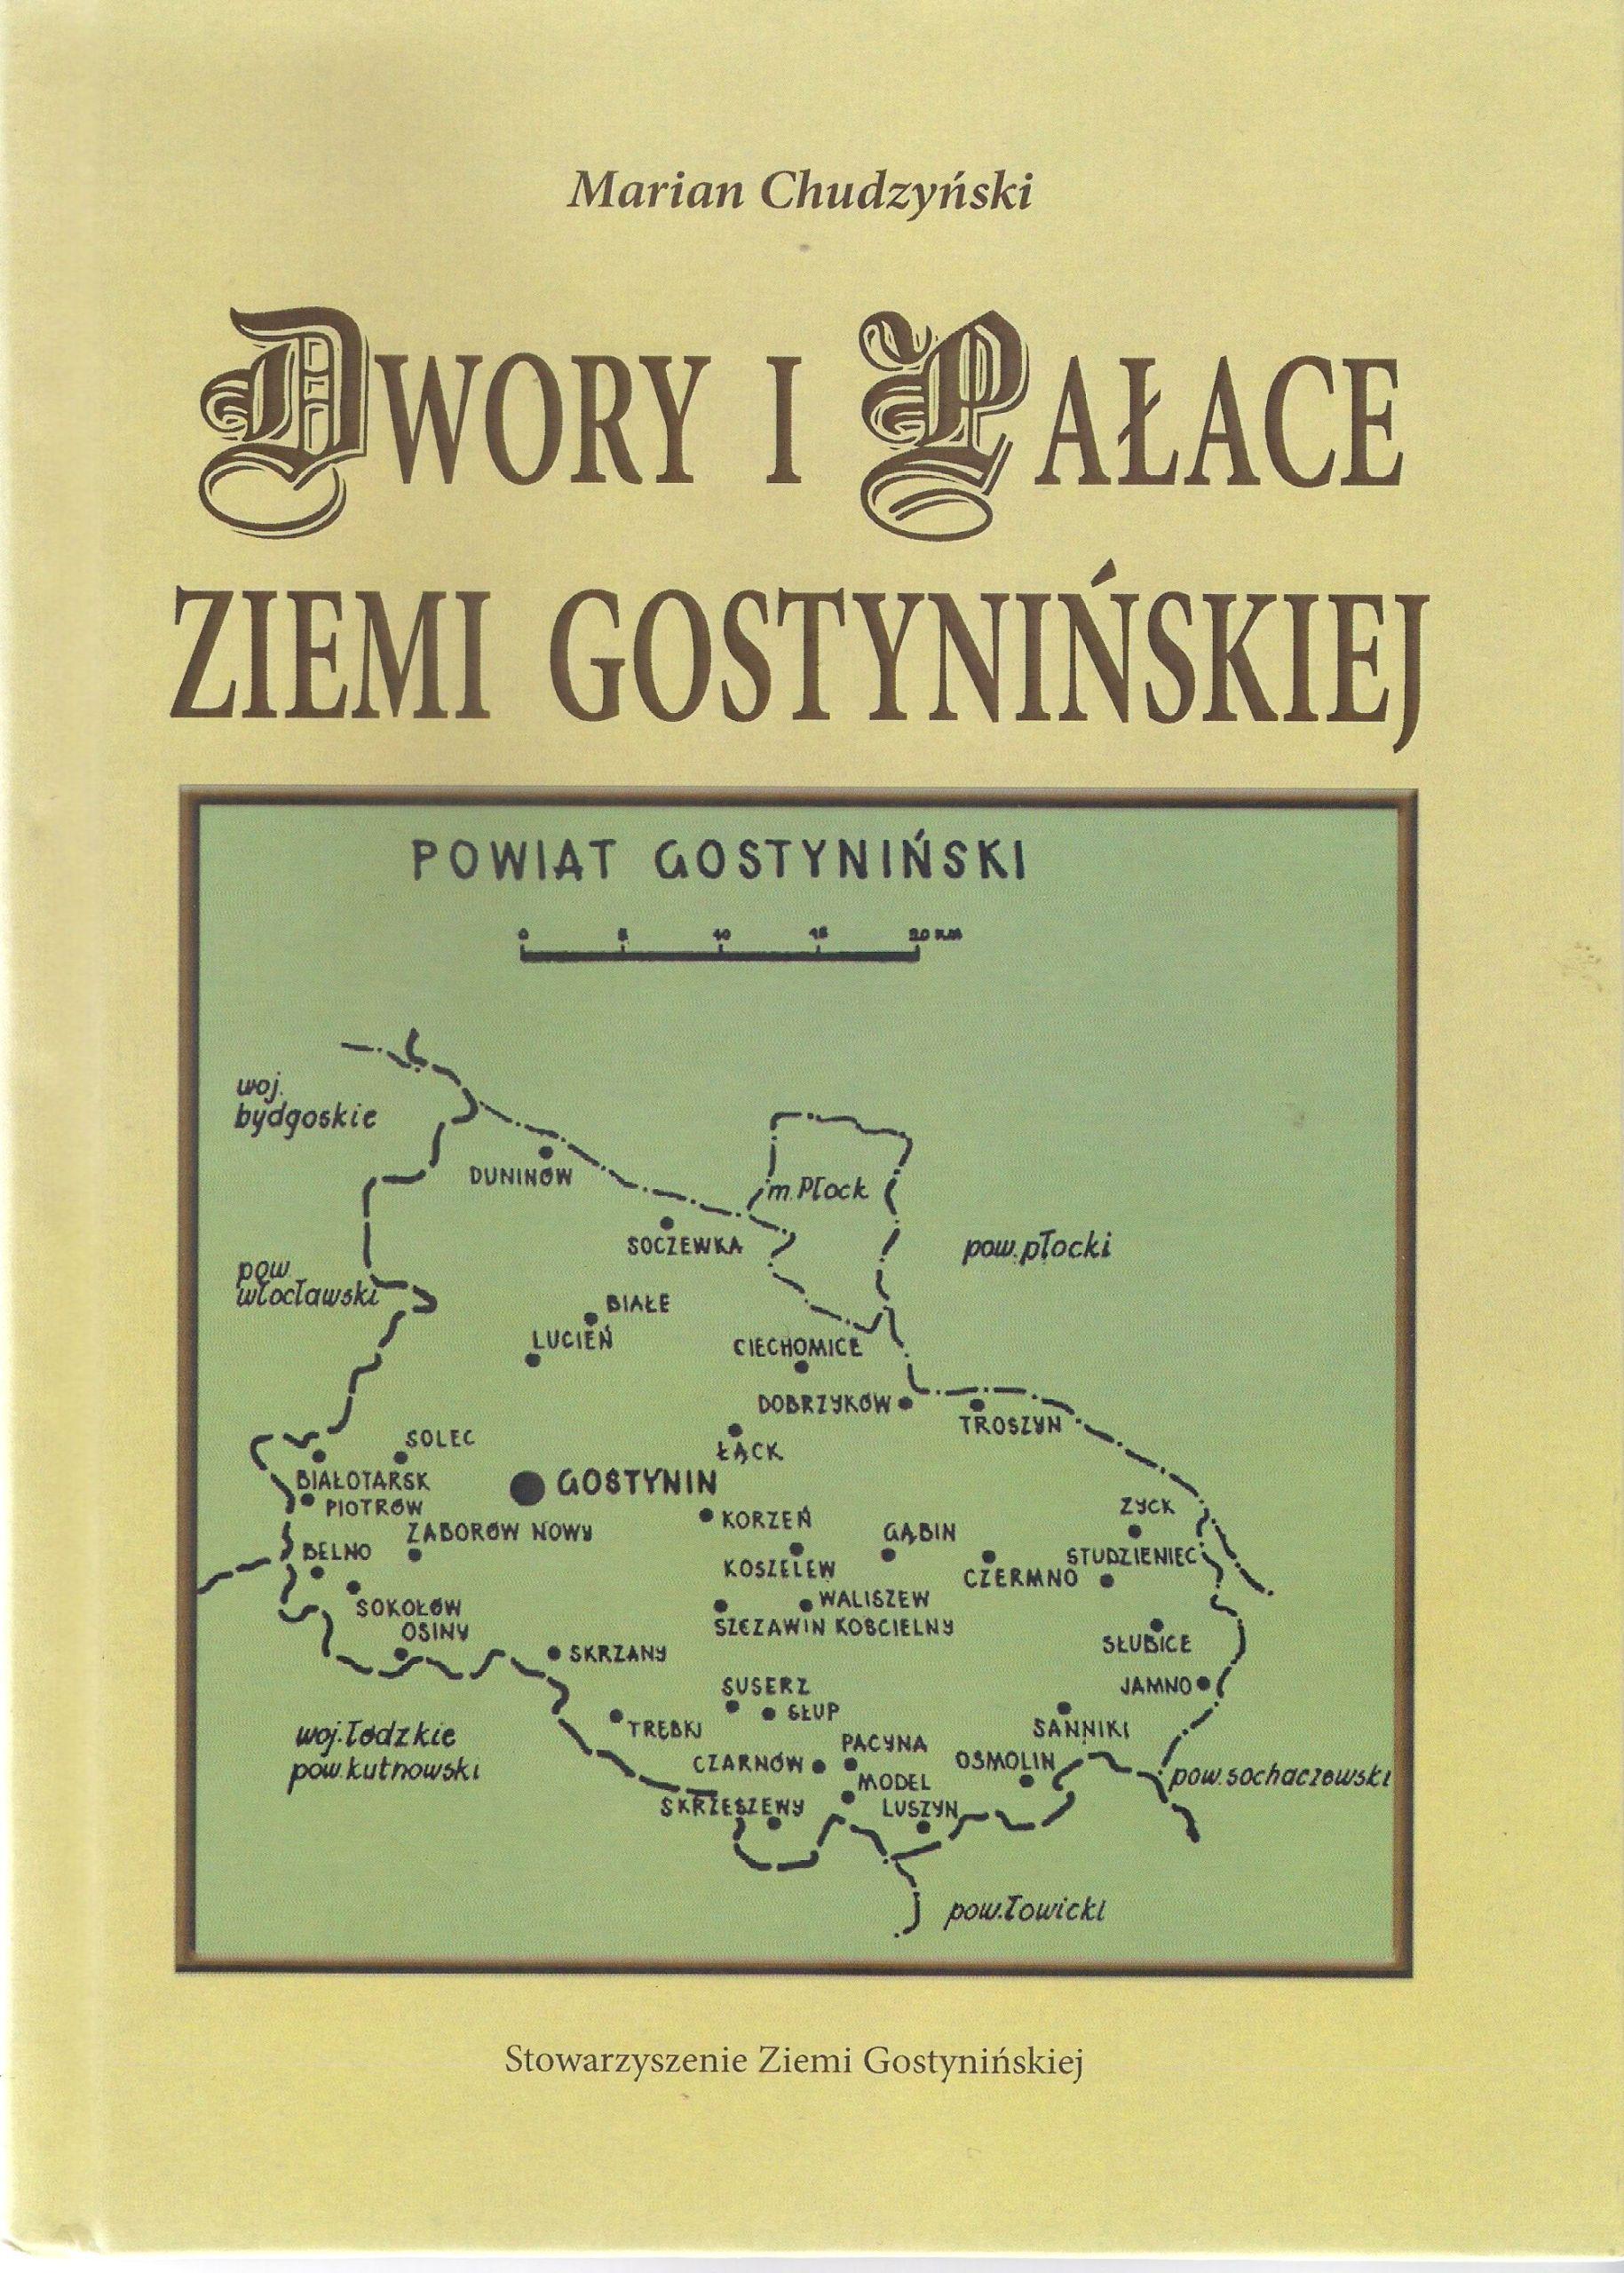 Dwory i pałace Ziemi Gostynińskiej